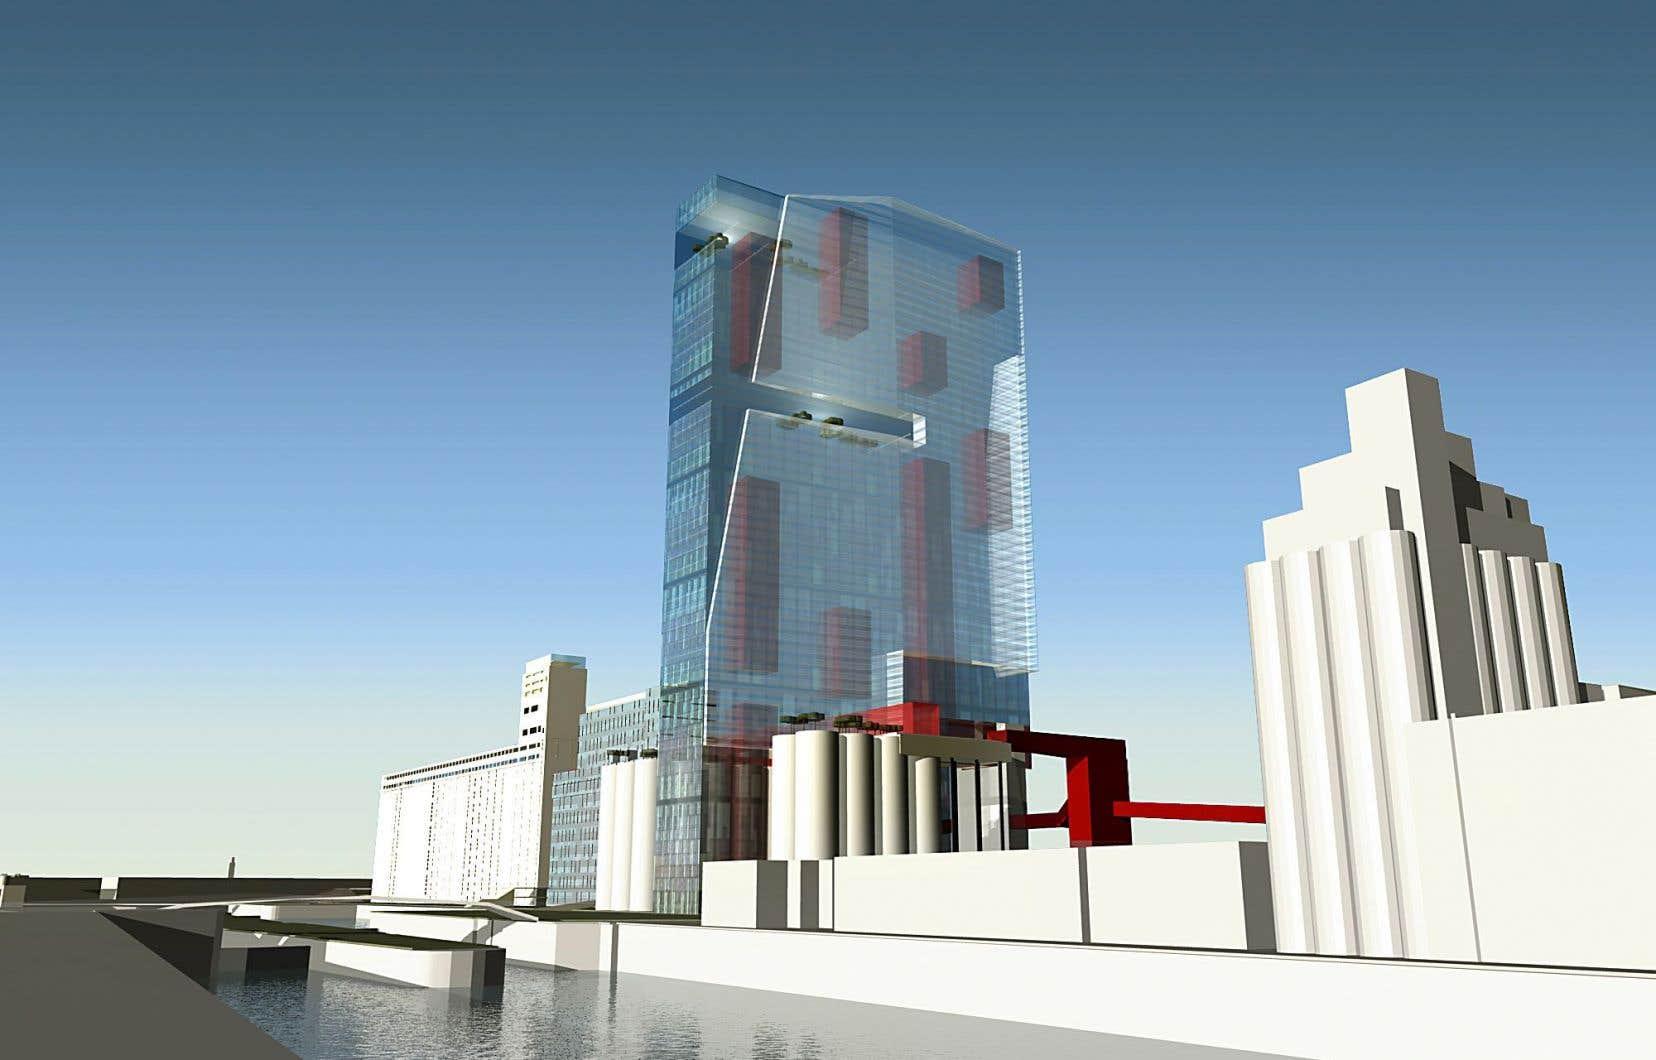 Dans le Vieux-Port de Montréal, le projet d'un vaste complexe comprenant une tour résidentielle et un musée aux côtés des silos n'a jamais vu le jour.